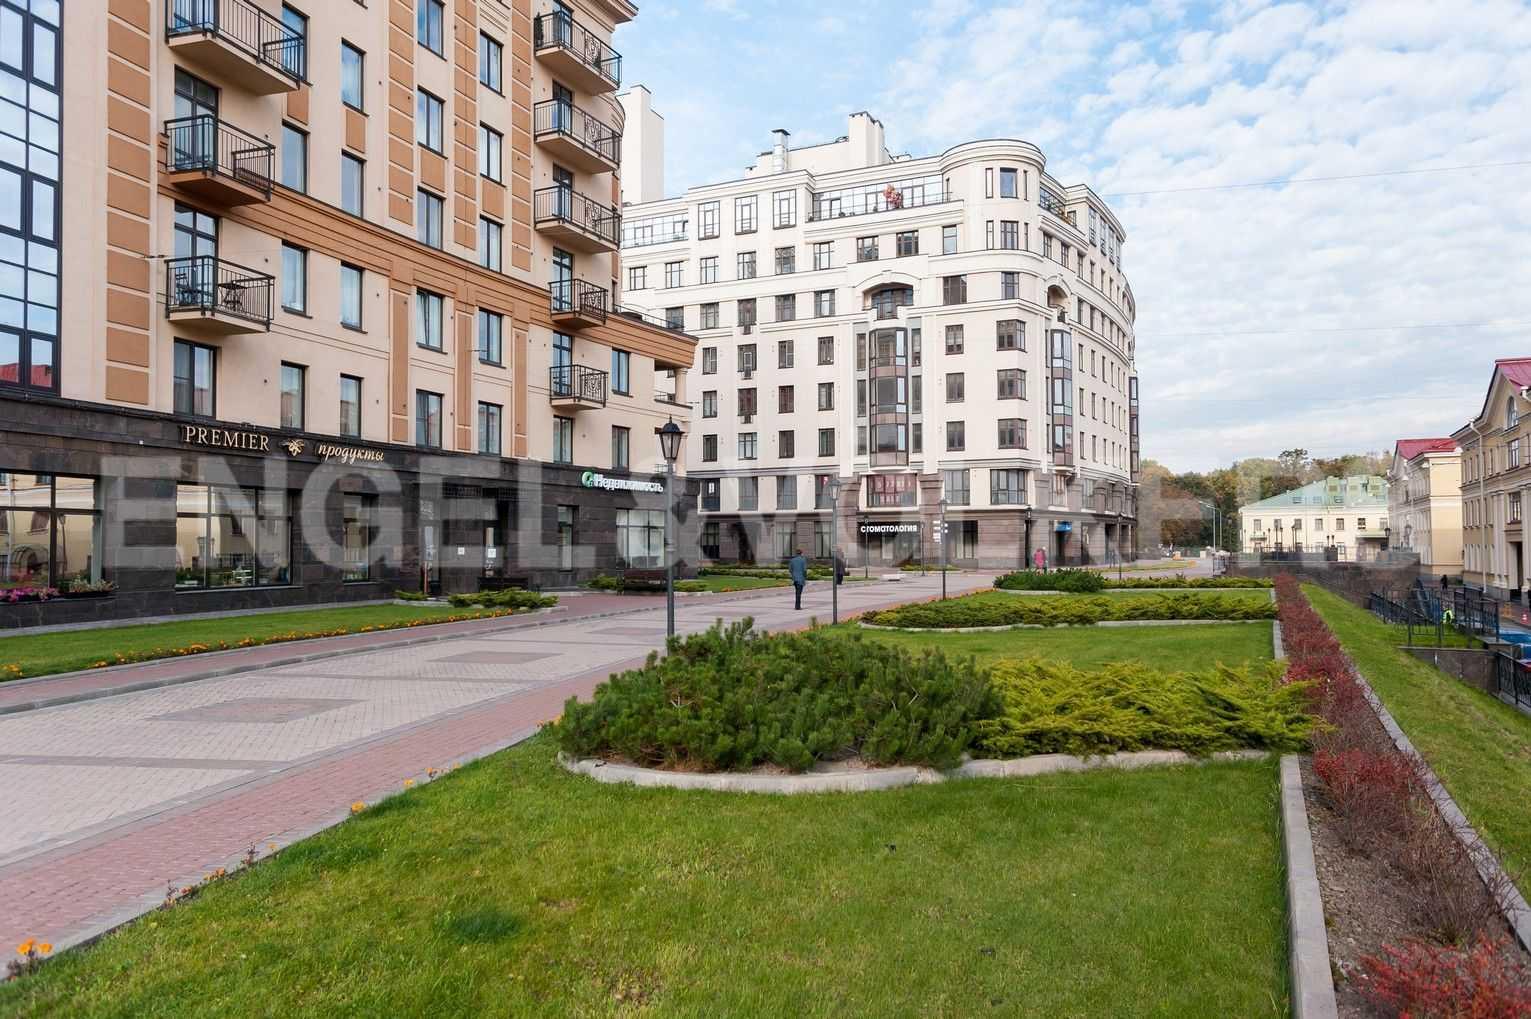 Элитные квартиры в Центральном районе. Санкт-Петербург, Парадная, 3. Пешеходная зона комплекса